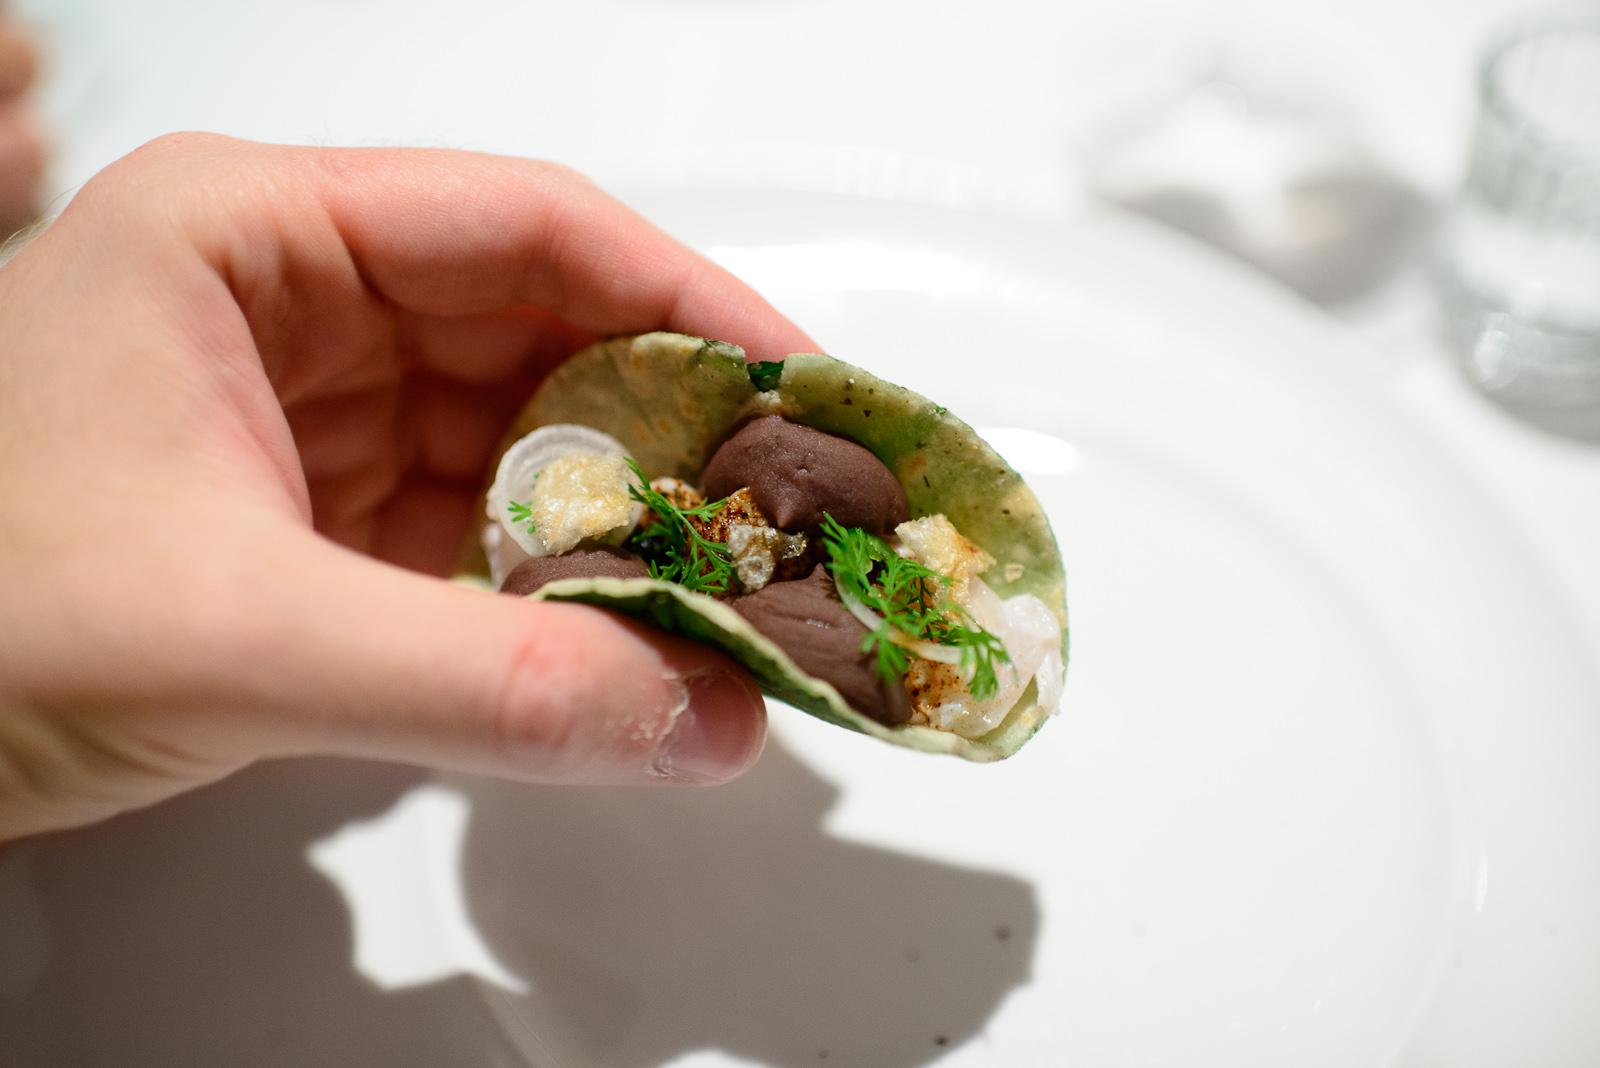 2nd Course: Taquito de pescado (sea bass), frijol, chicharrón,